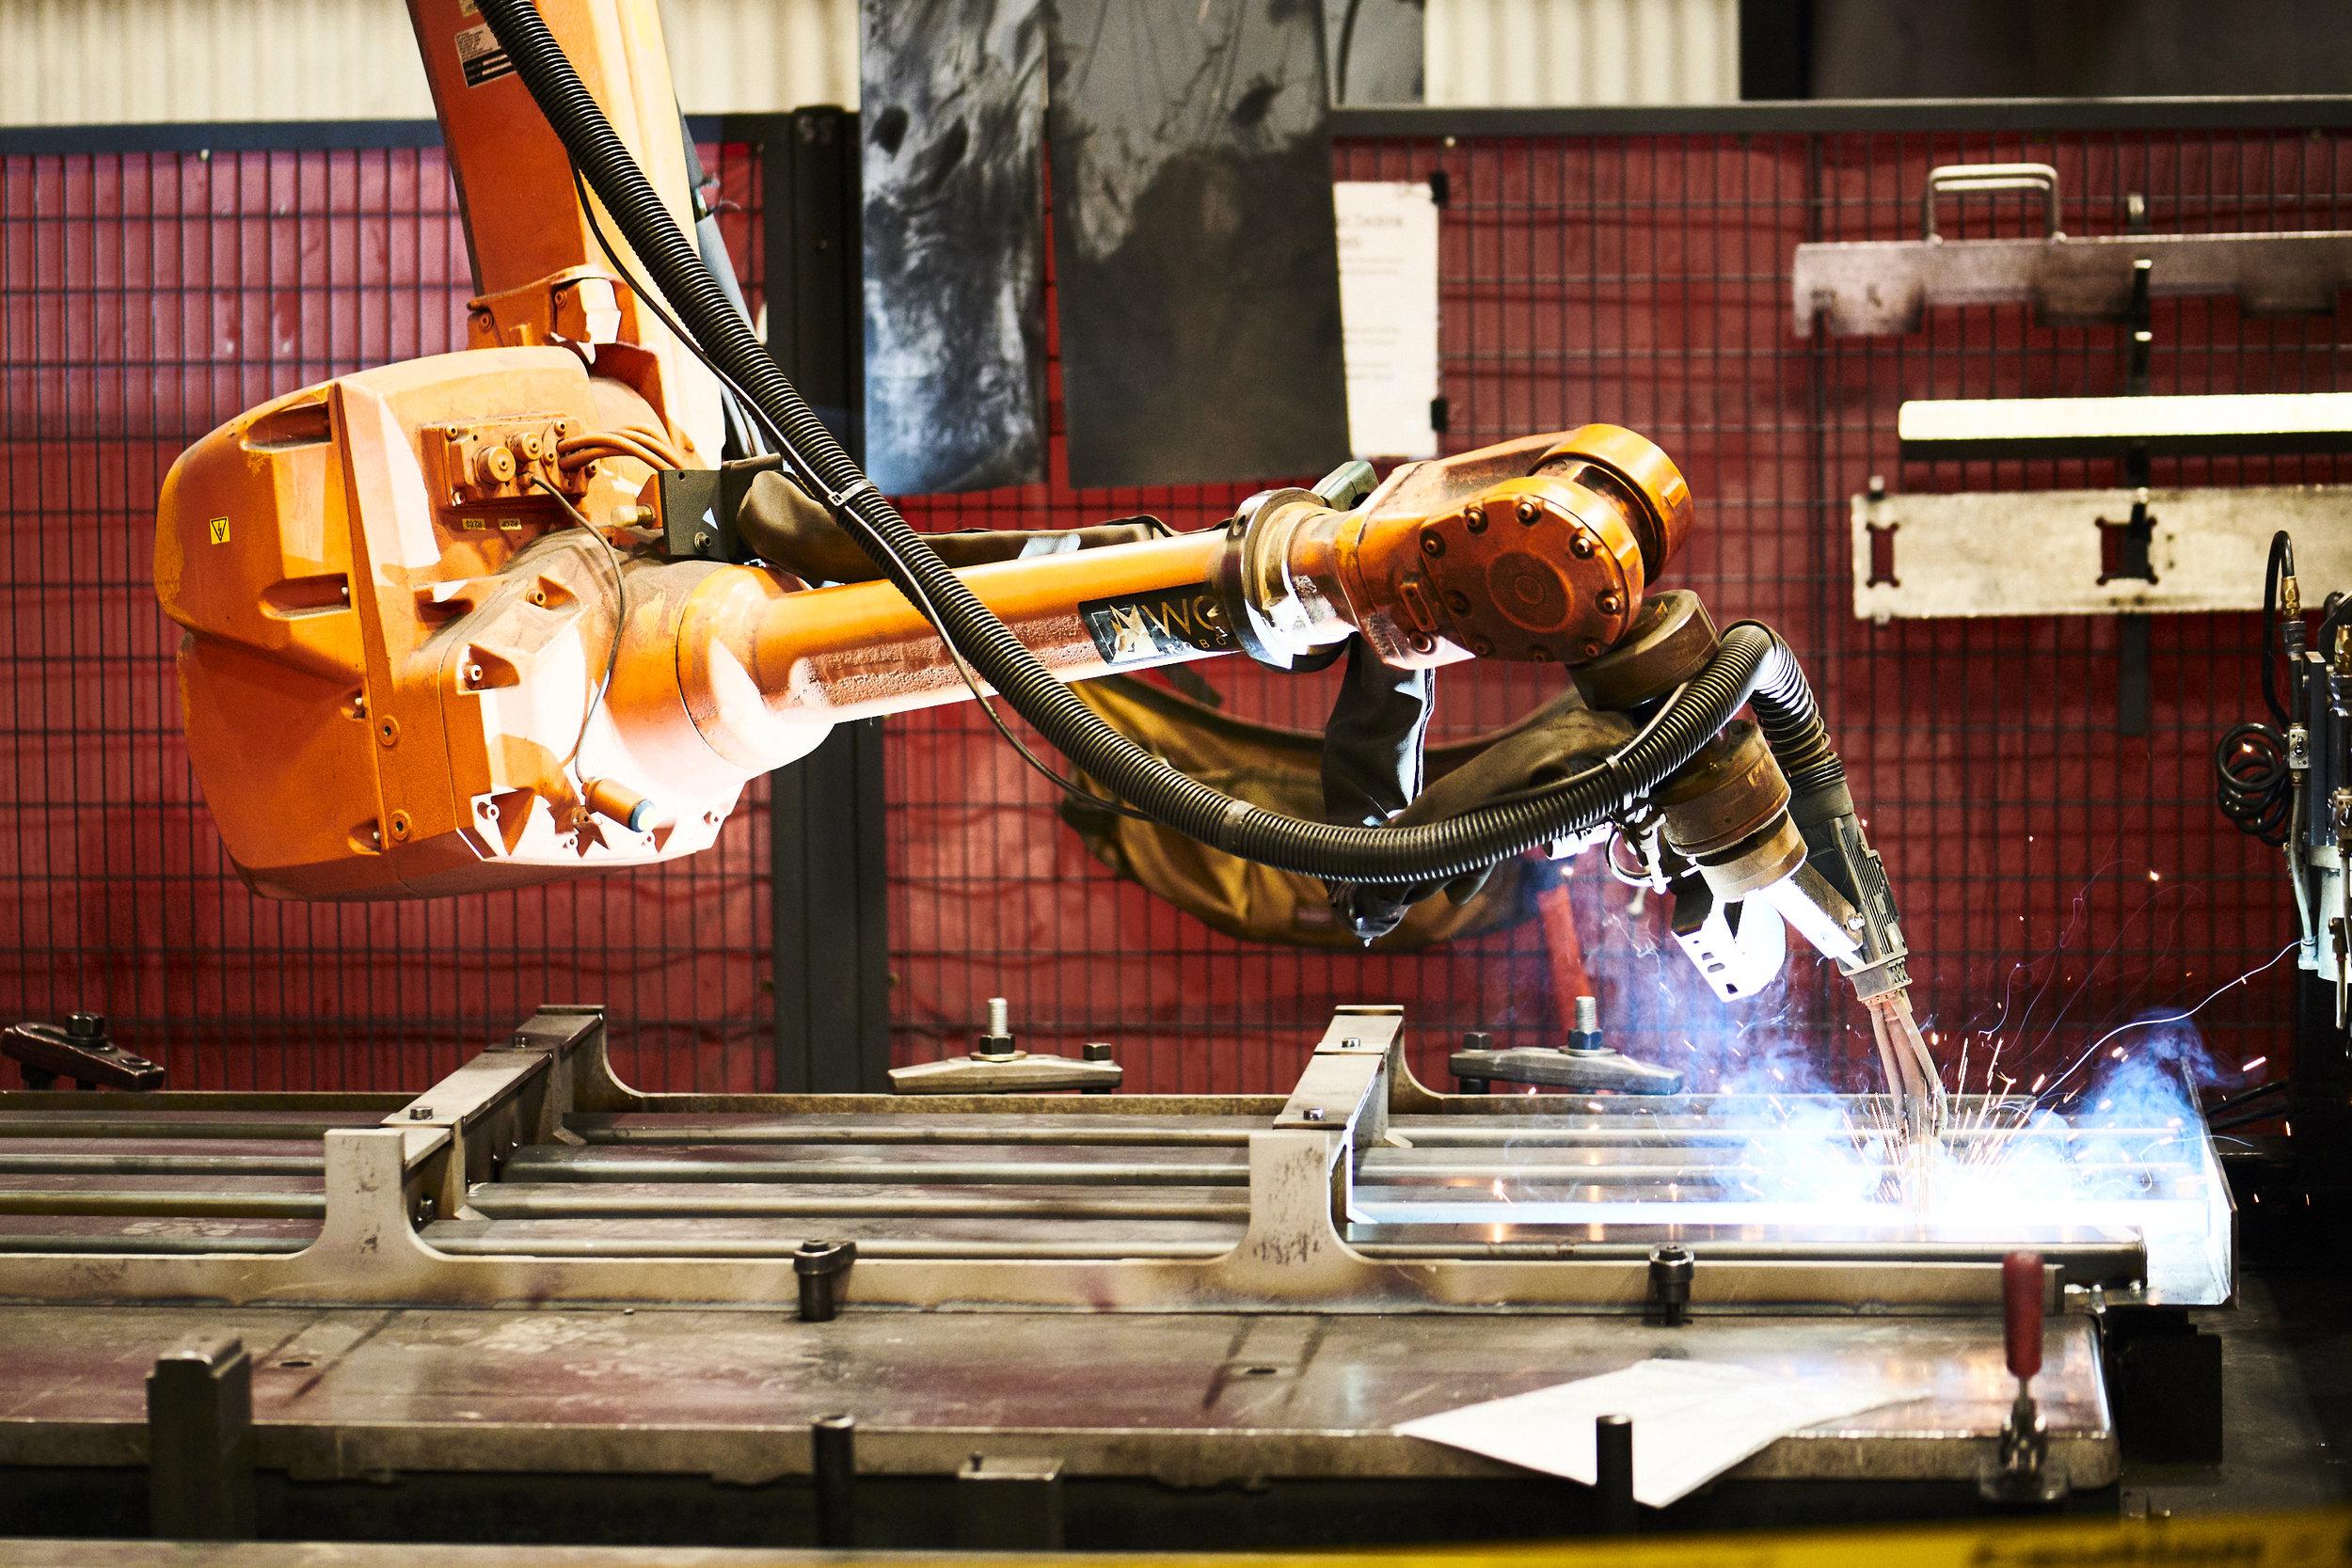 Wolf Robotic Welding